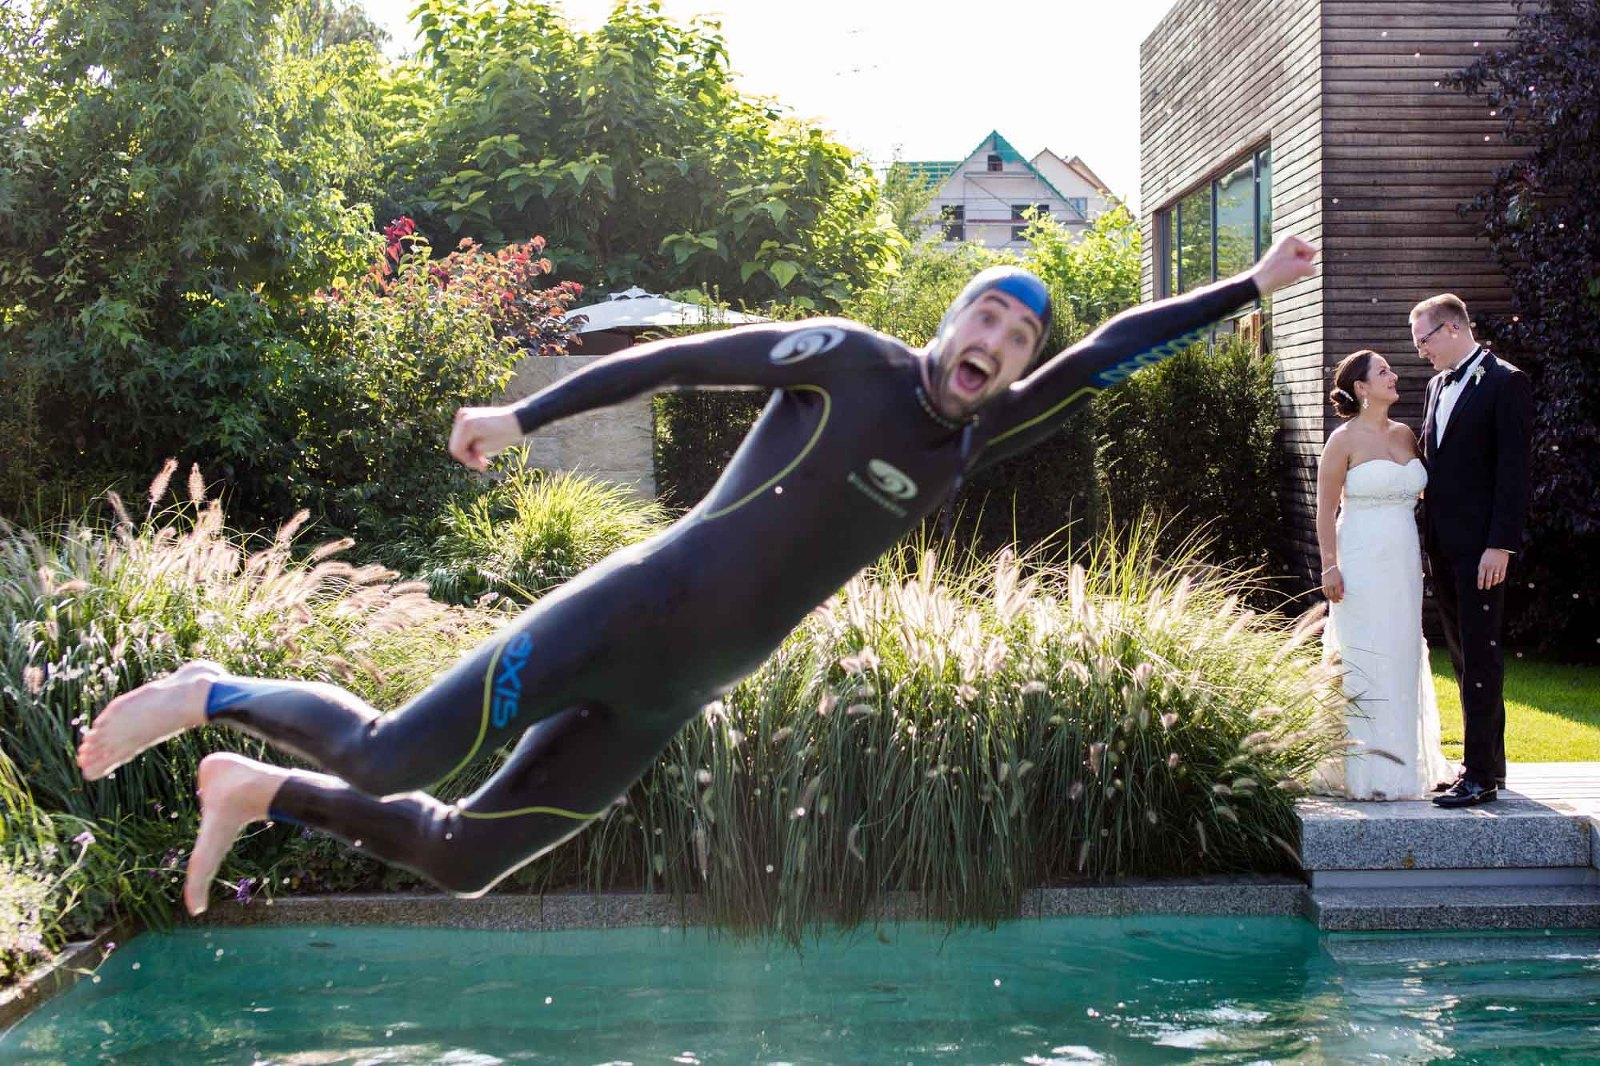 Taucher springt in einen Pool mit Hochzeitspaar im Hintergrund